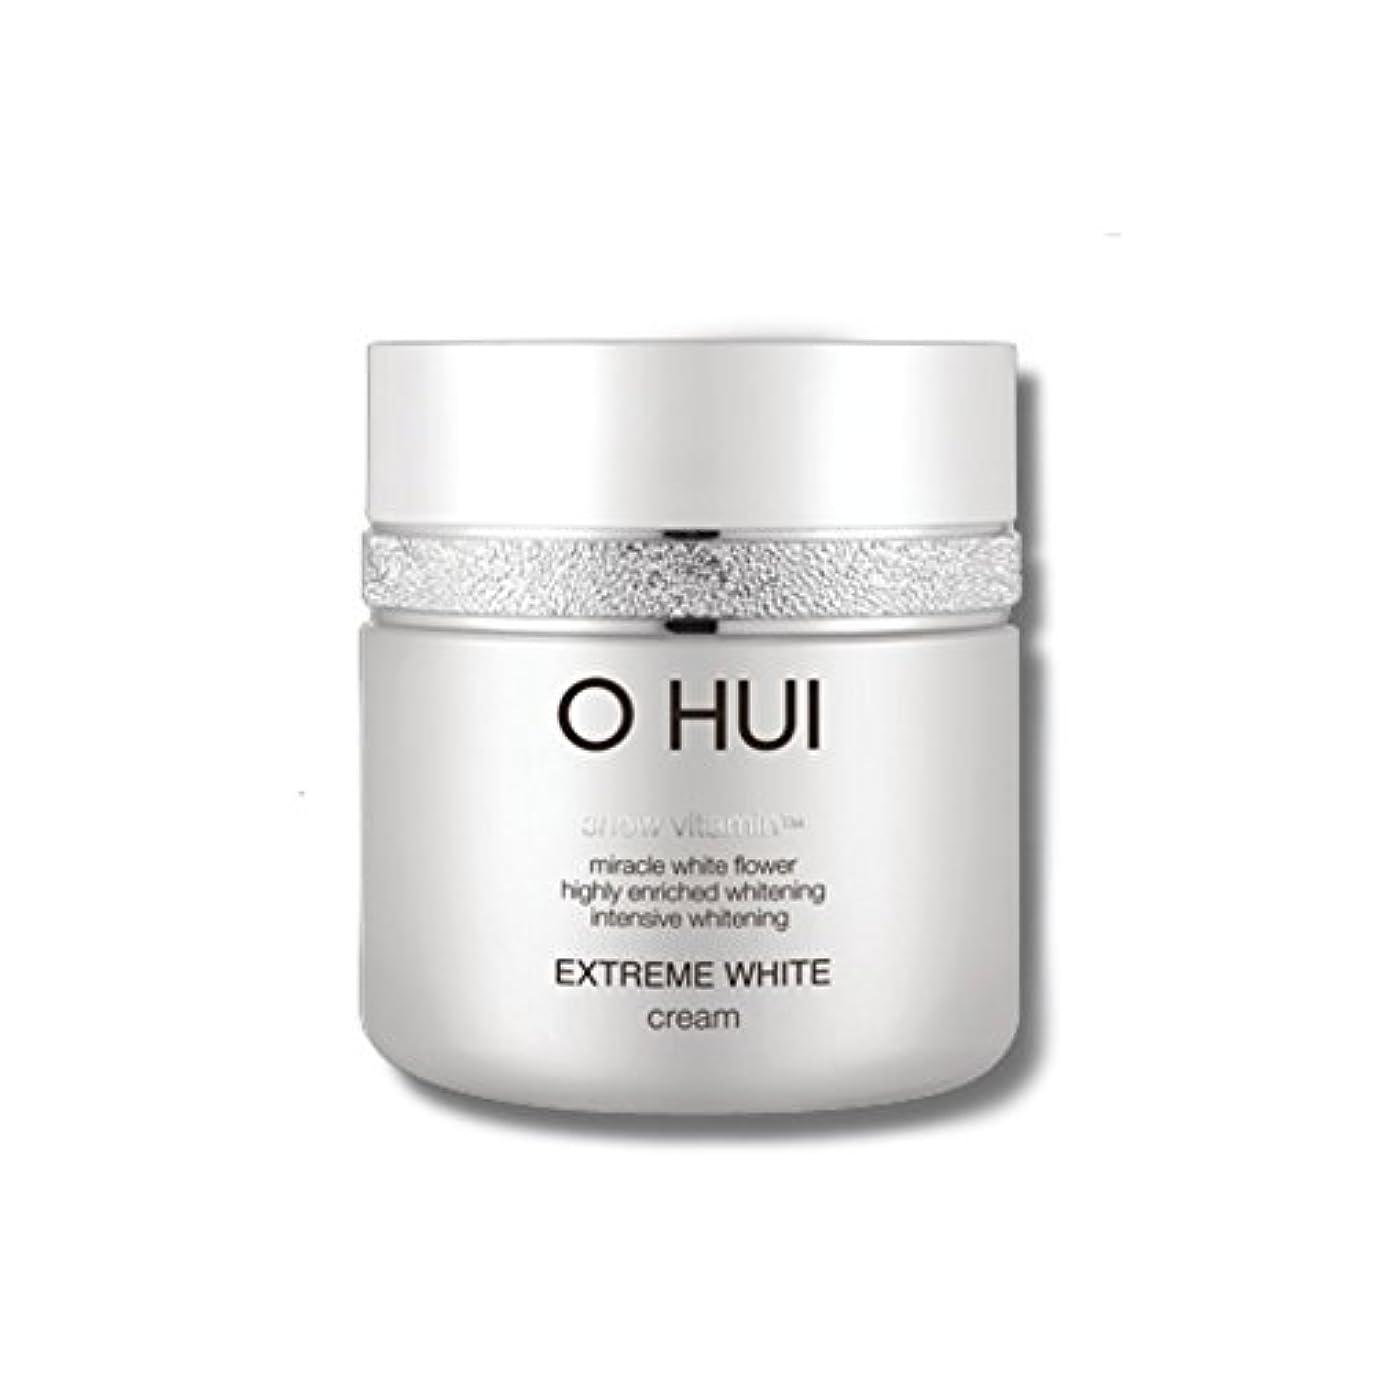 黒くする脊椎側面OHUI Extreme White Cream 50ml/オフィ エクストリーム ホワイト クリーム 50ml [並行輸入品]